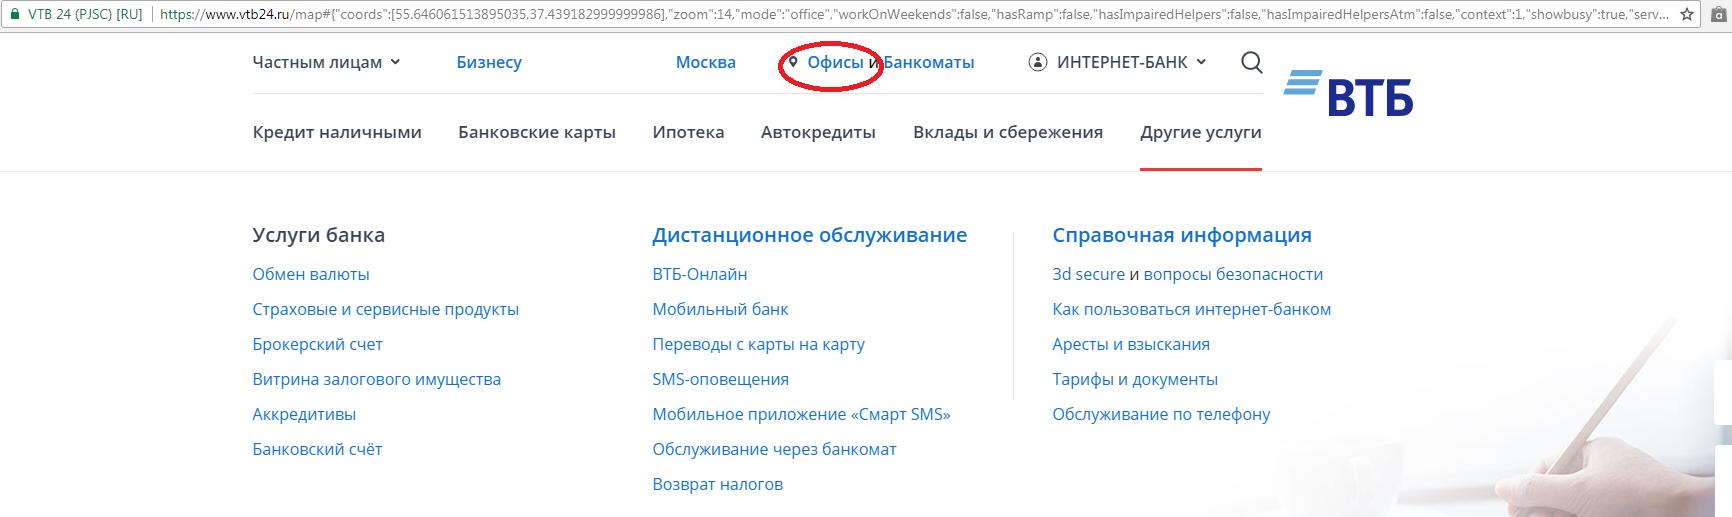 Втб 24 липецк взять кредит какой банк краснодара дает кредит под залог